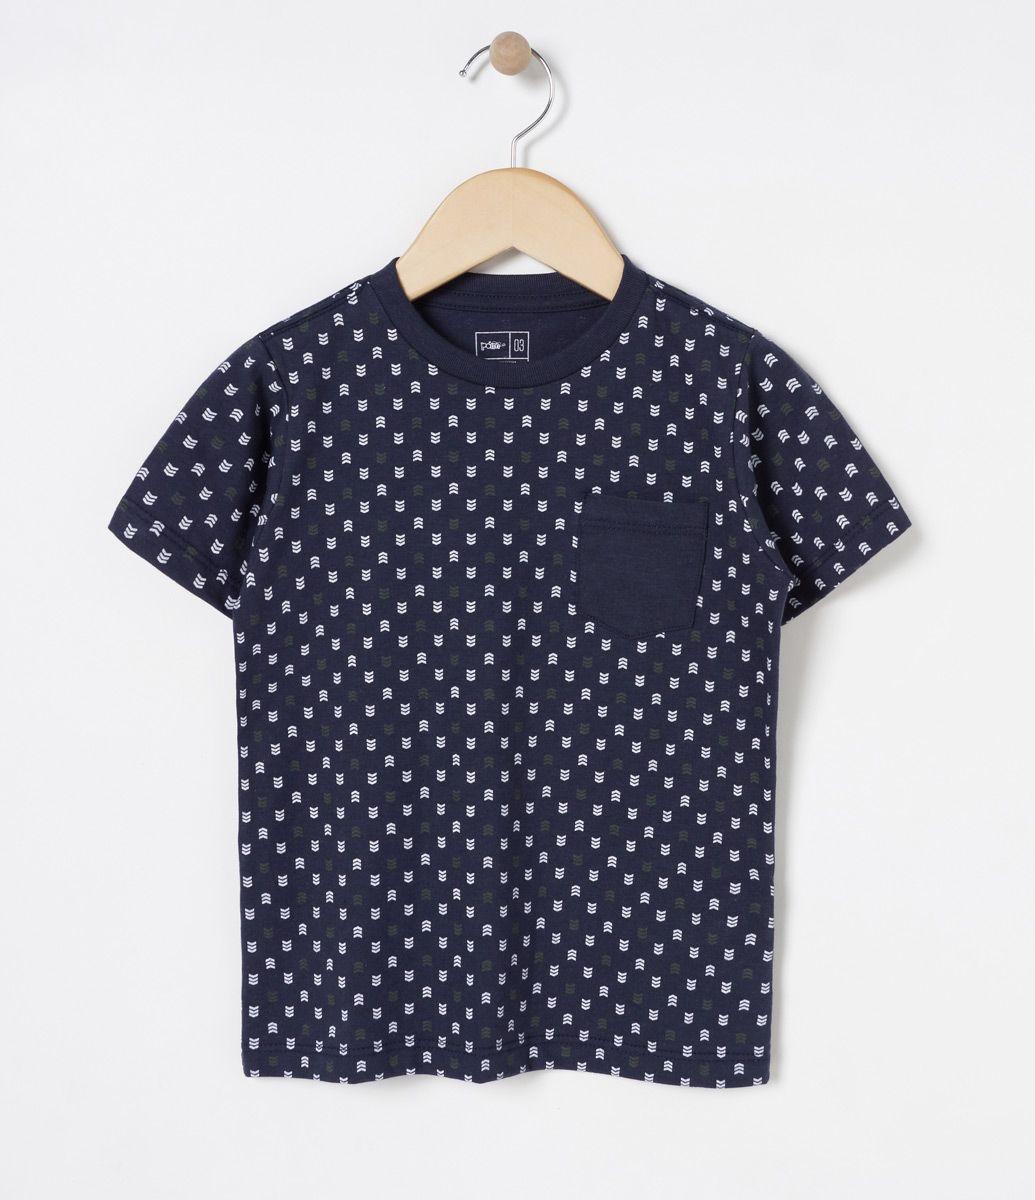 7d1f5415d Camiseta infantil Manga curta Gola redonda Estampada Com bolsinho Marca   Póim Tecido  meia malha